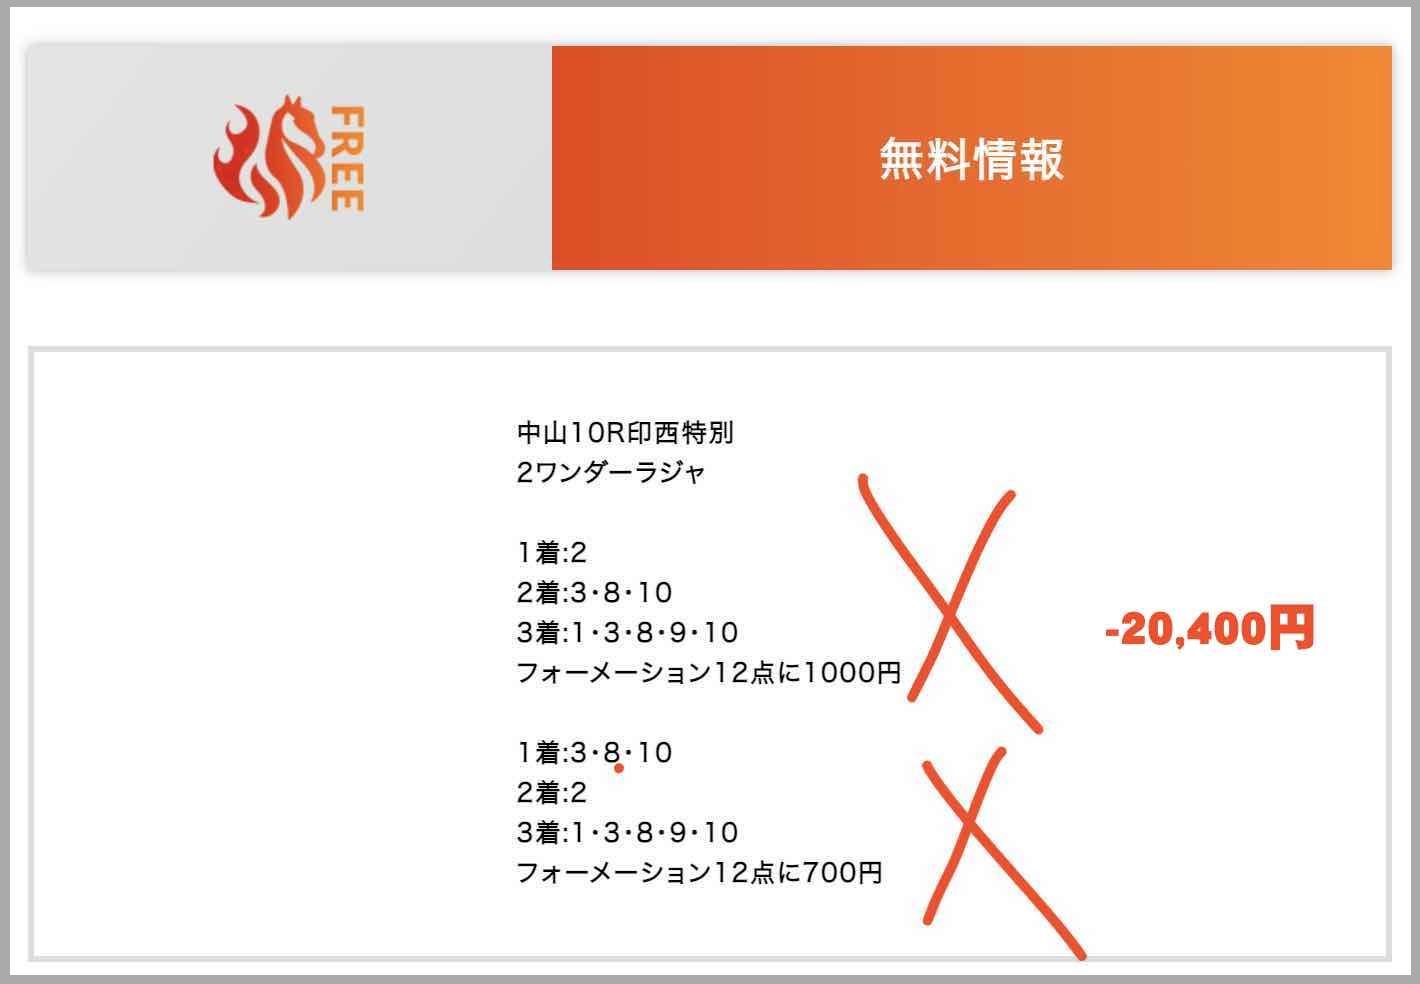 カチウマの無料予想(無料情報)の抜き打ち検証中山10R